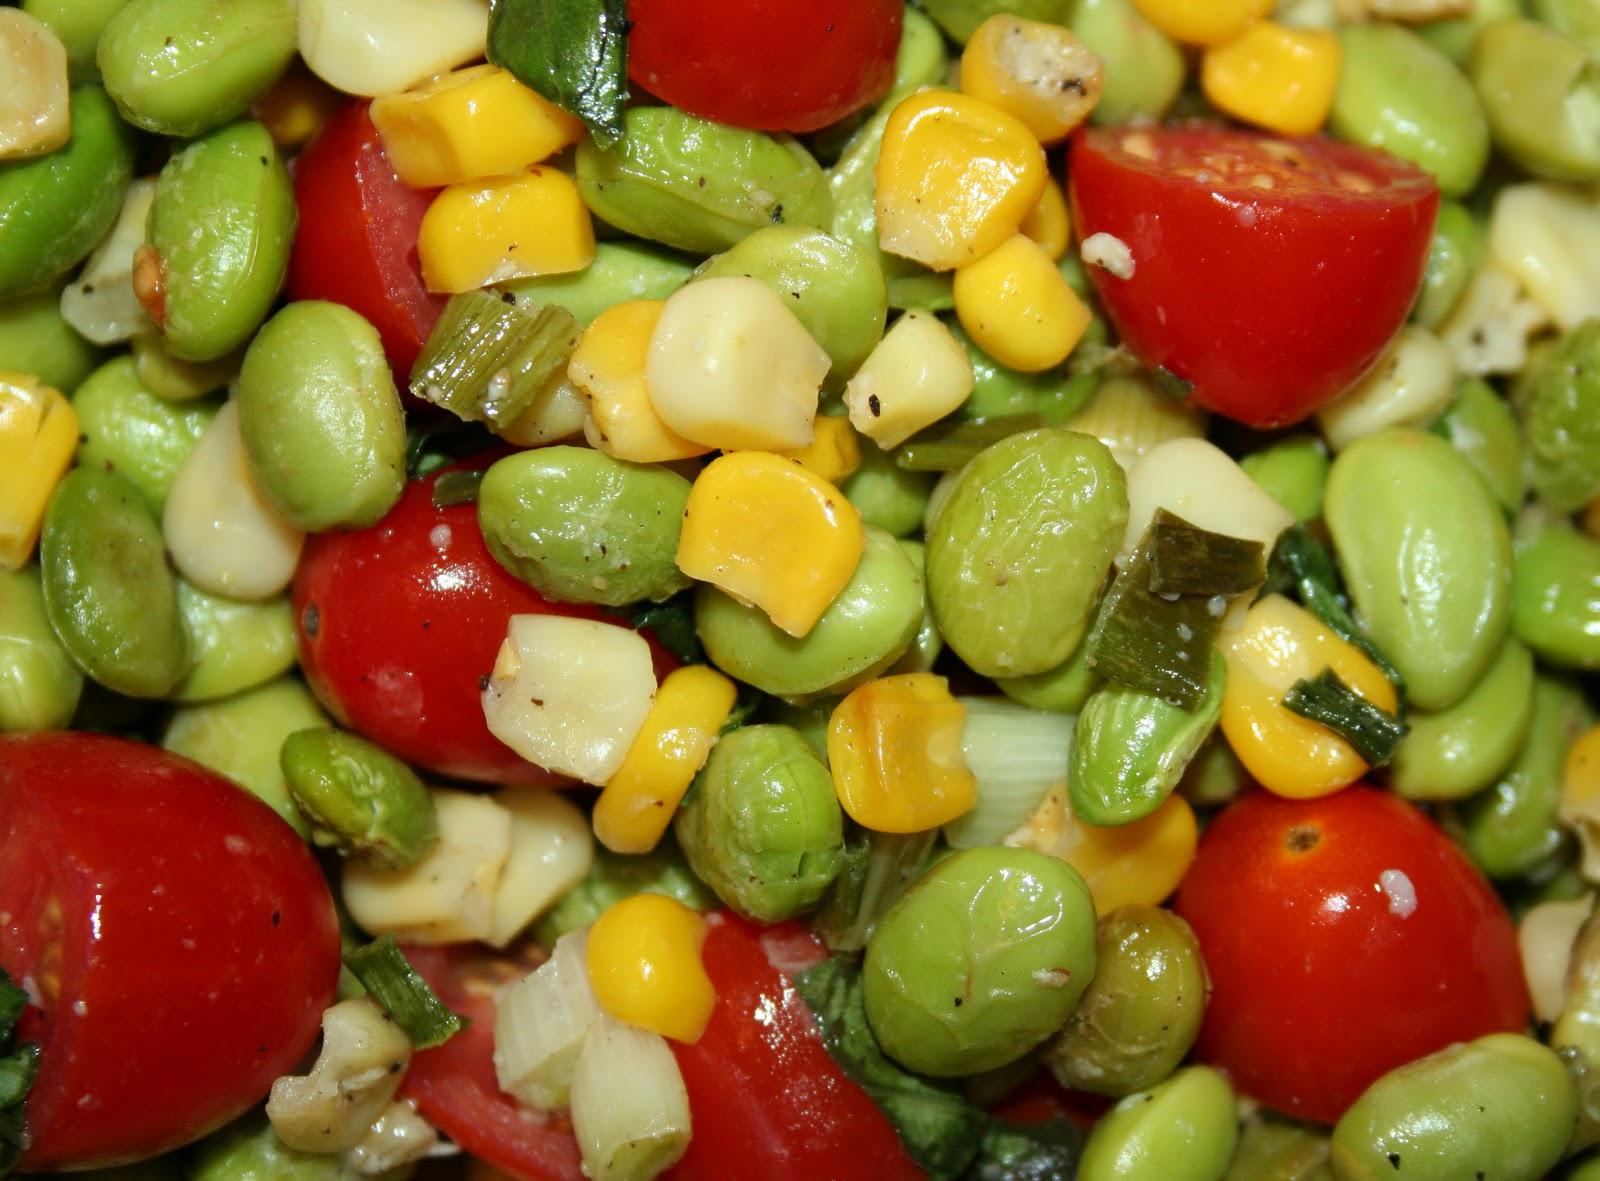 edamame beans costco - photo #32